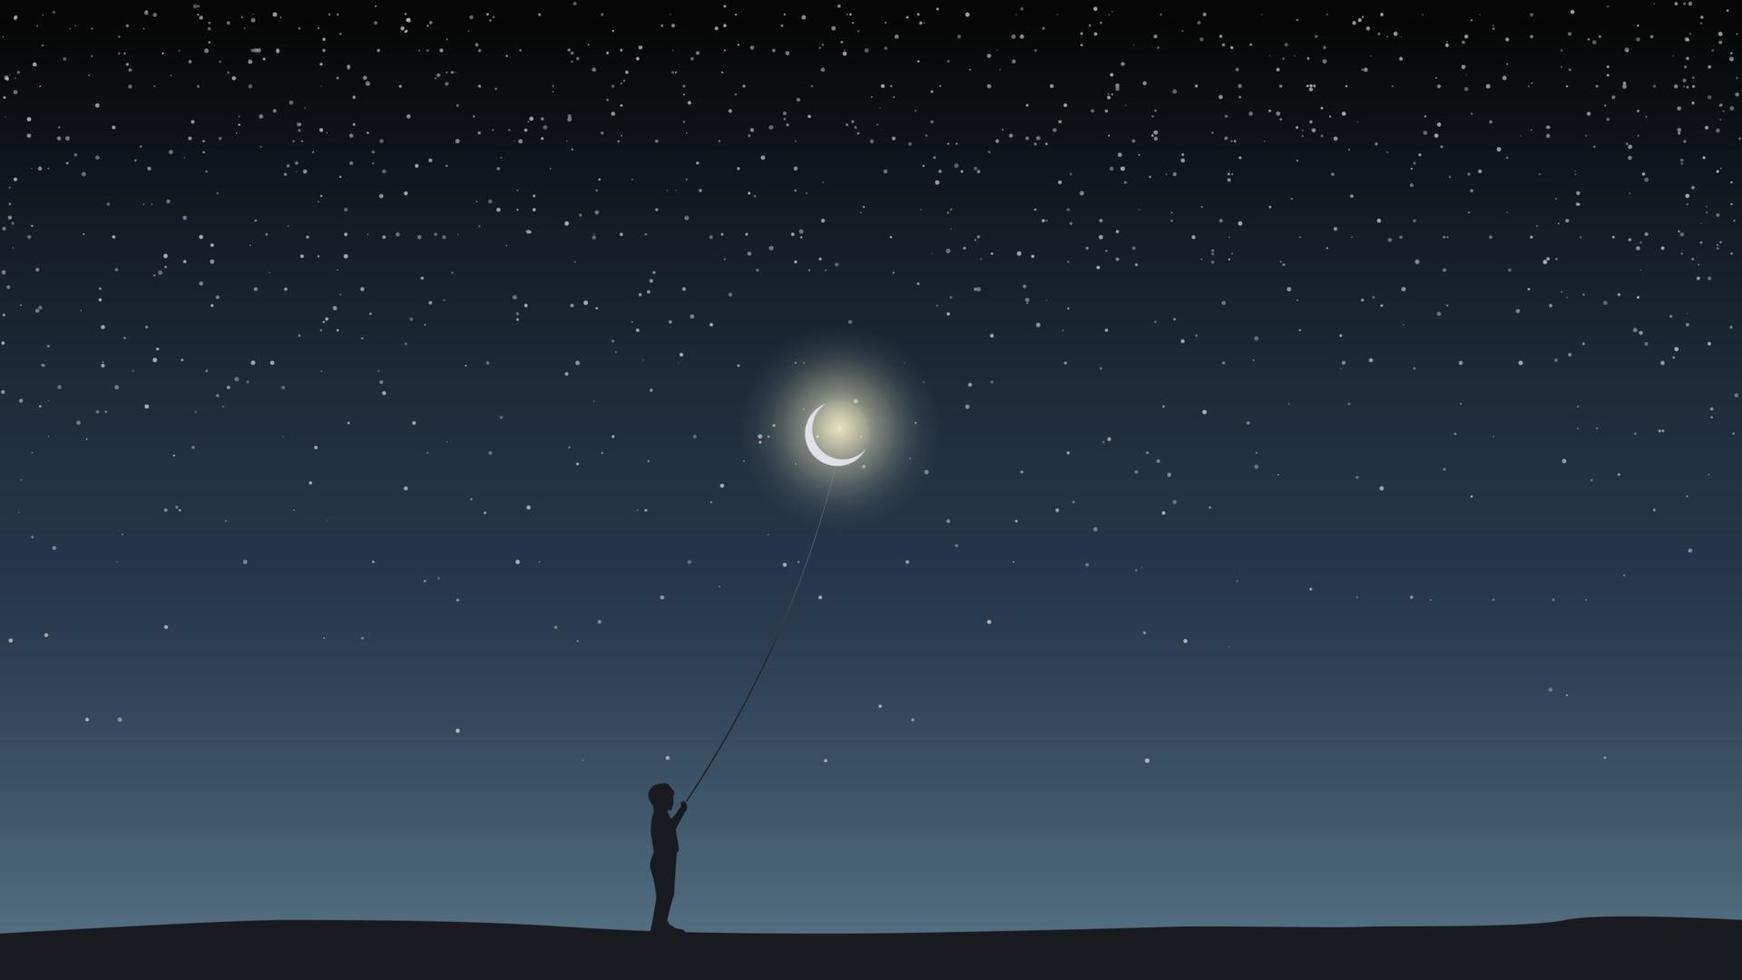 Sternenhimmel, Feld, Junge hält einen Ballon in Form des Mondes. vektor